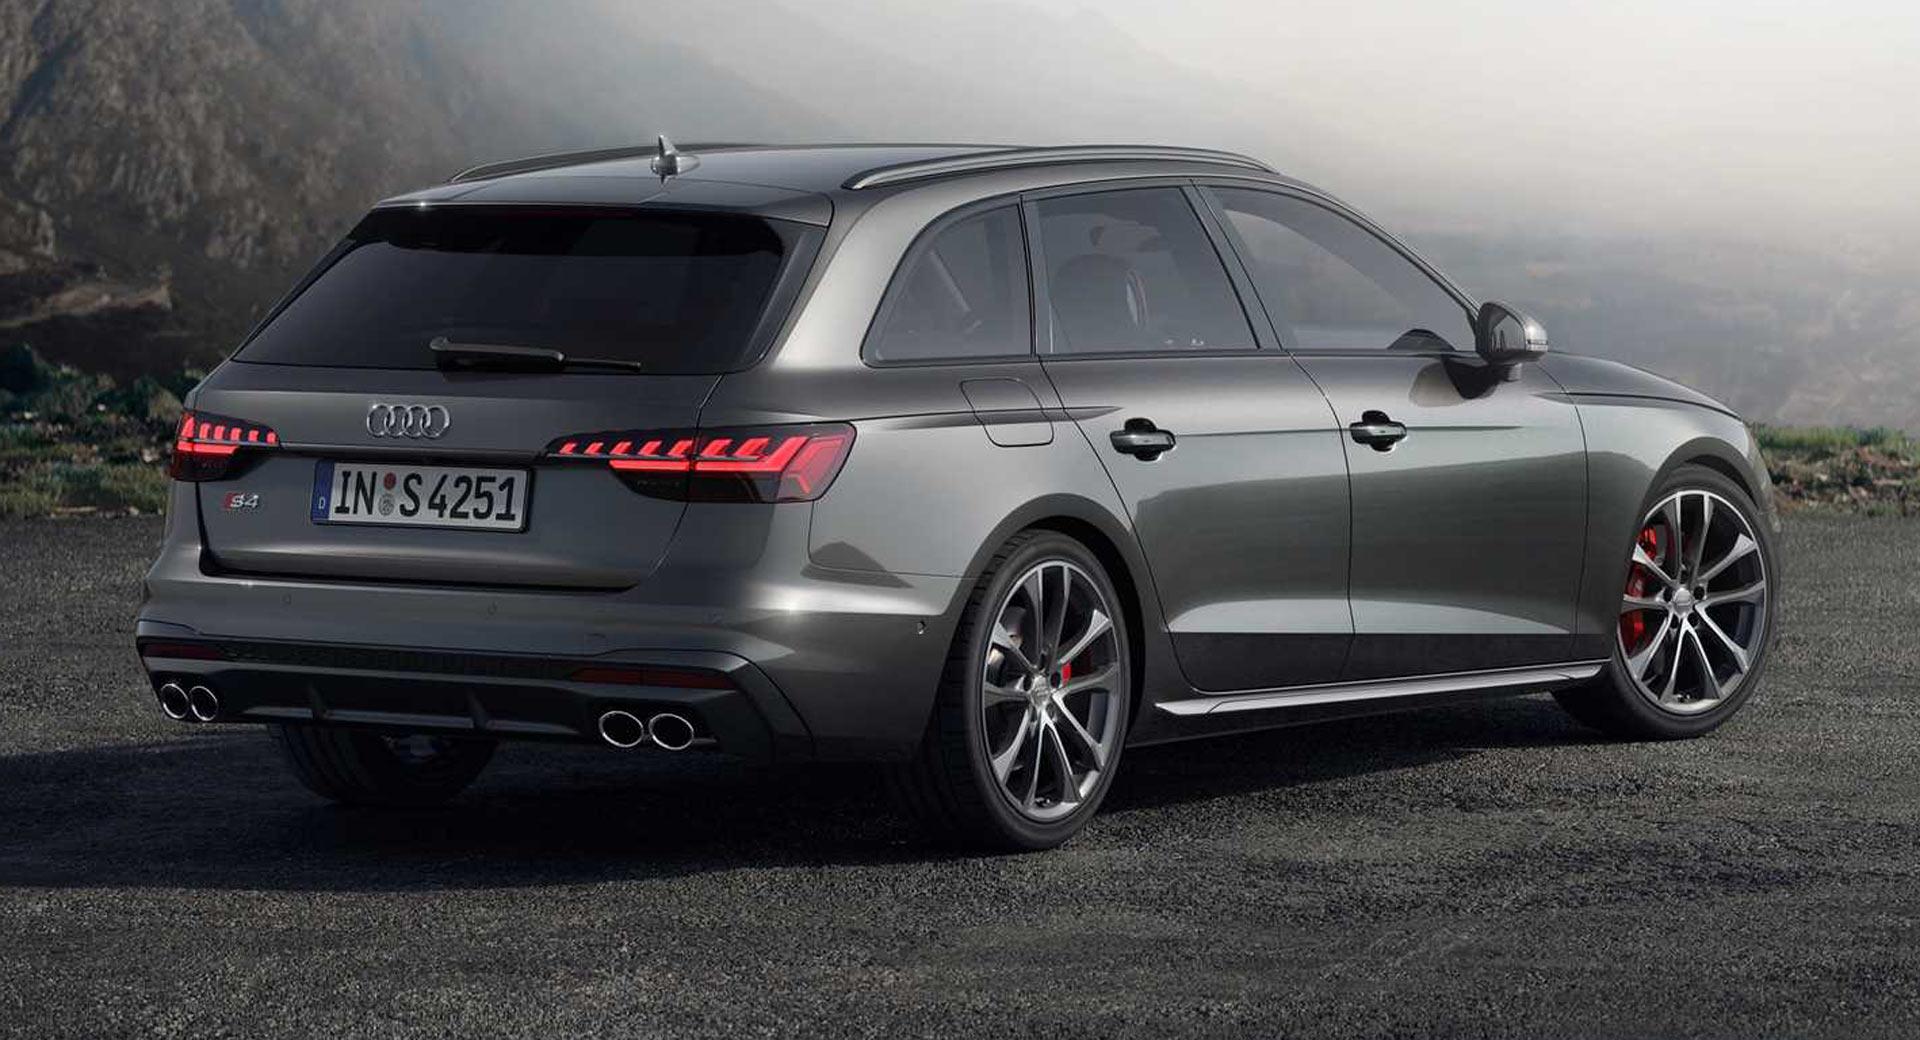 Nowa generacja Audi A4 nadejdzie w 2023 roku - nowe silniki oraz hybryda